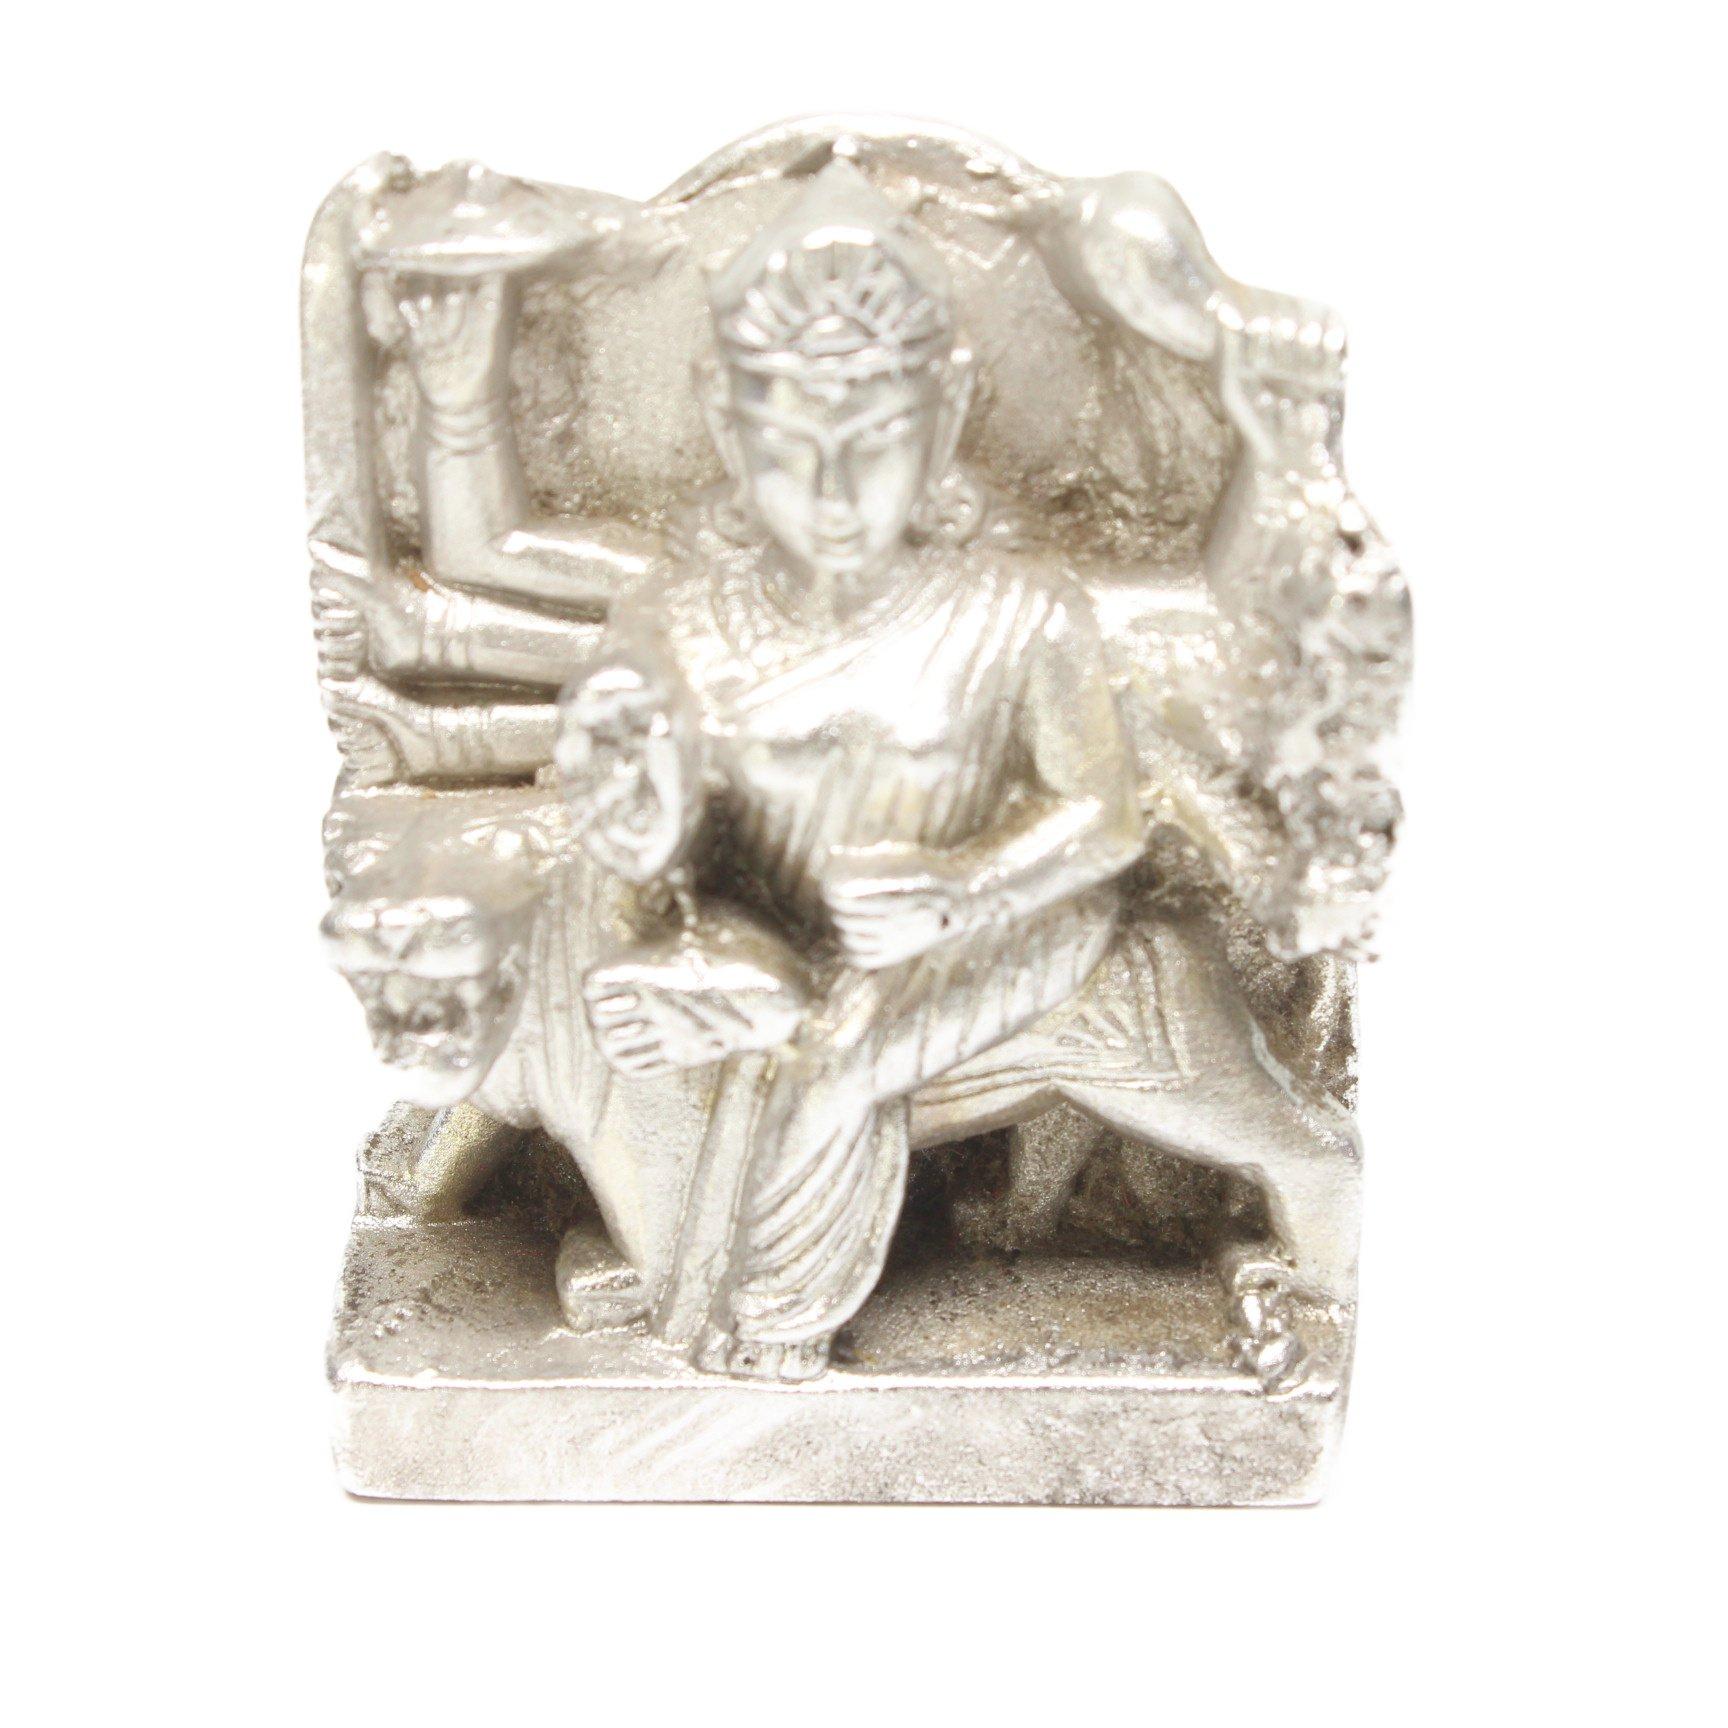 パラド・ドゥルガー女神像(高さ約7.0cm...